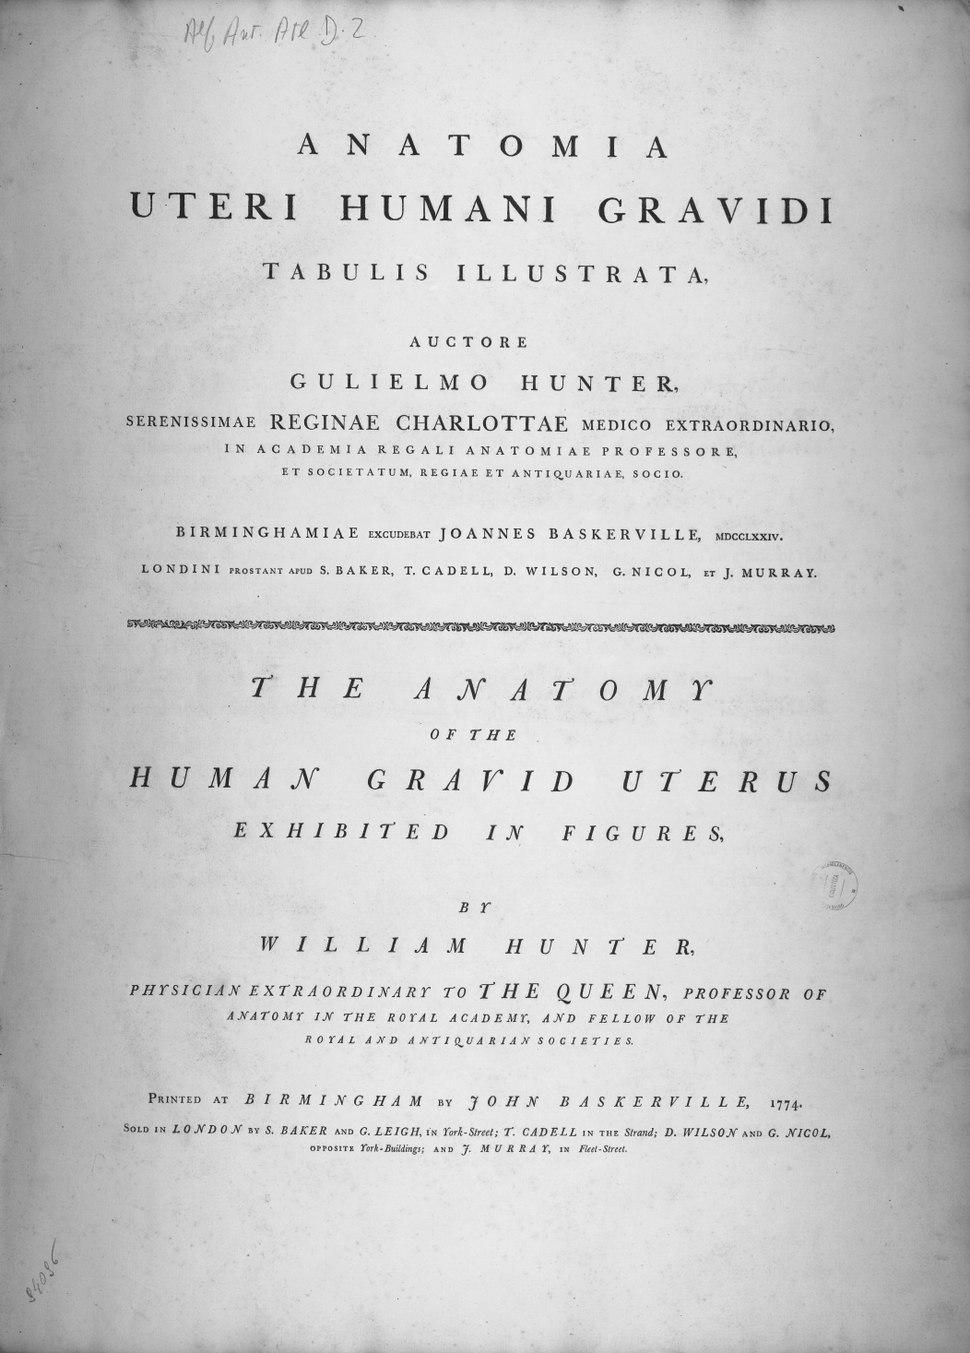 Anatomia uteri humani gravidi V00001 00000002